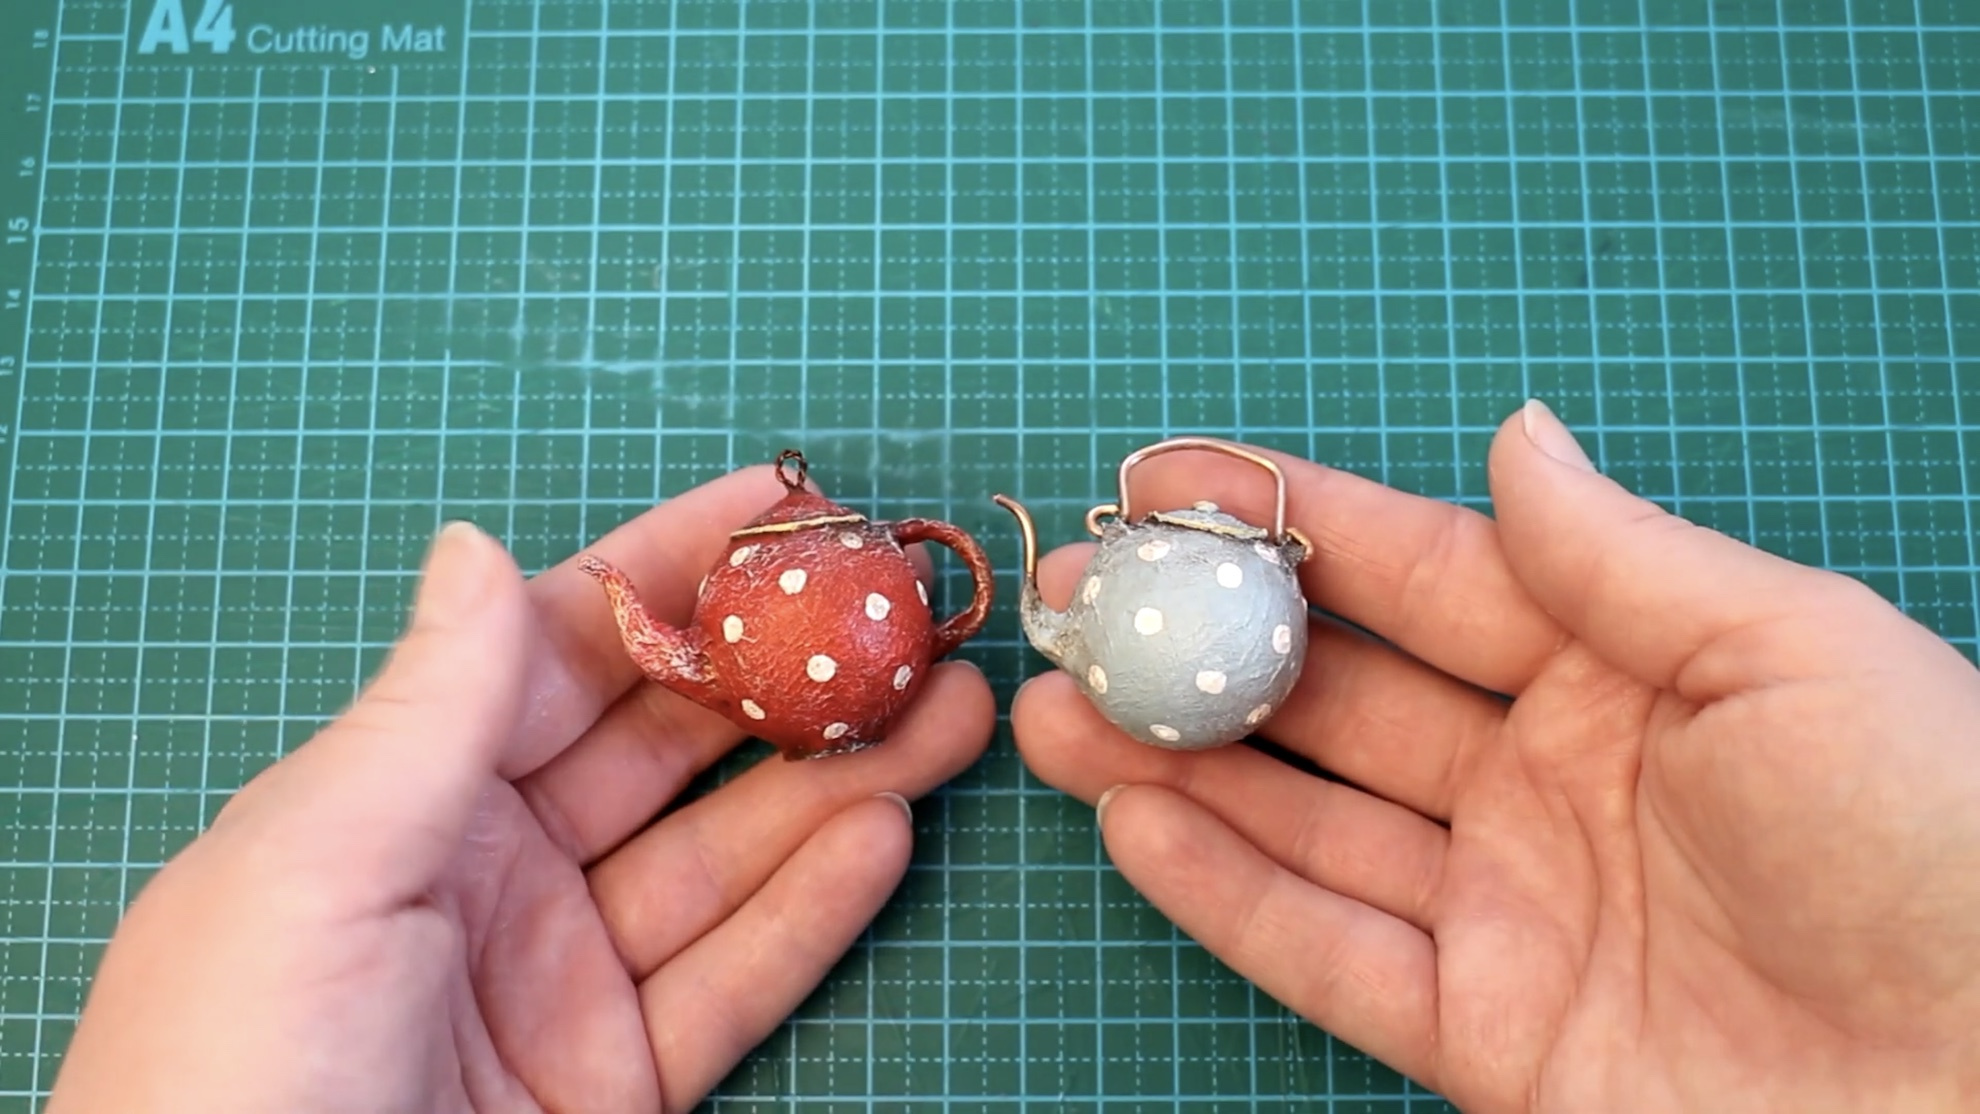 微缩模型DIY视频:迷你的茶壶制作过程